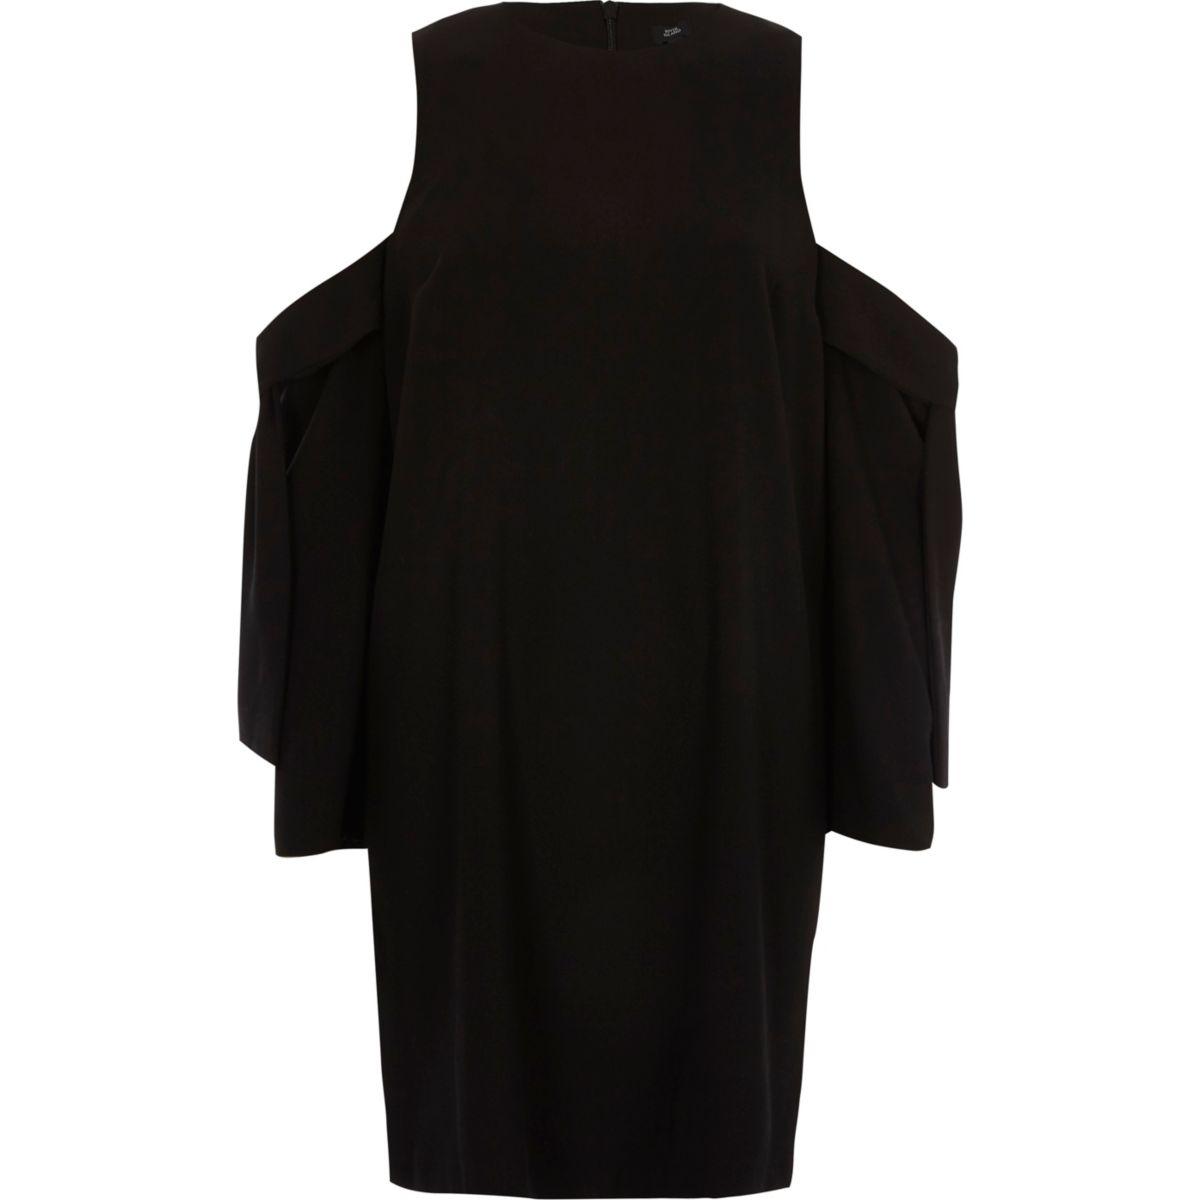 Zwarte schouderloze swingjurk met strik op de mouwen